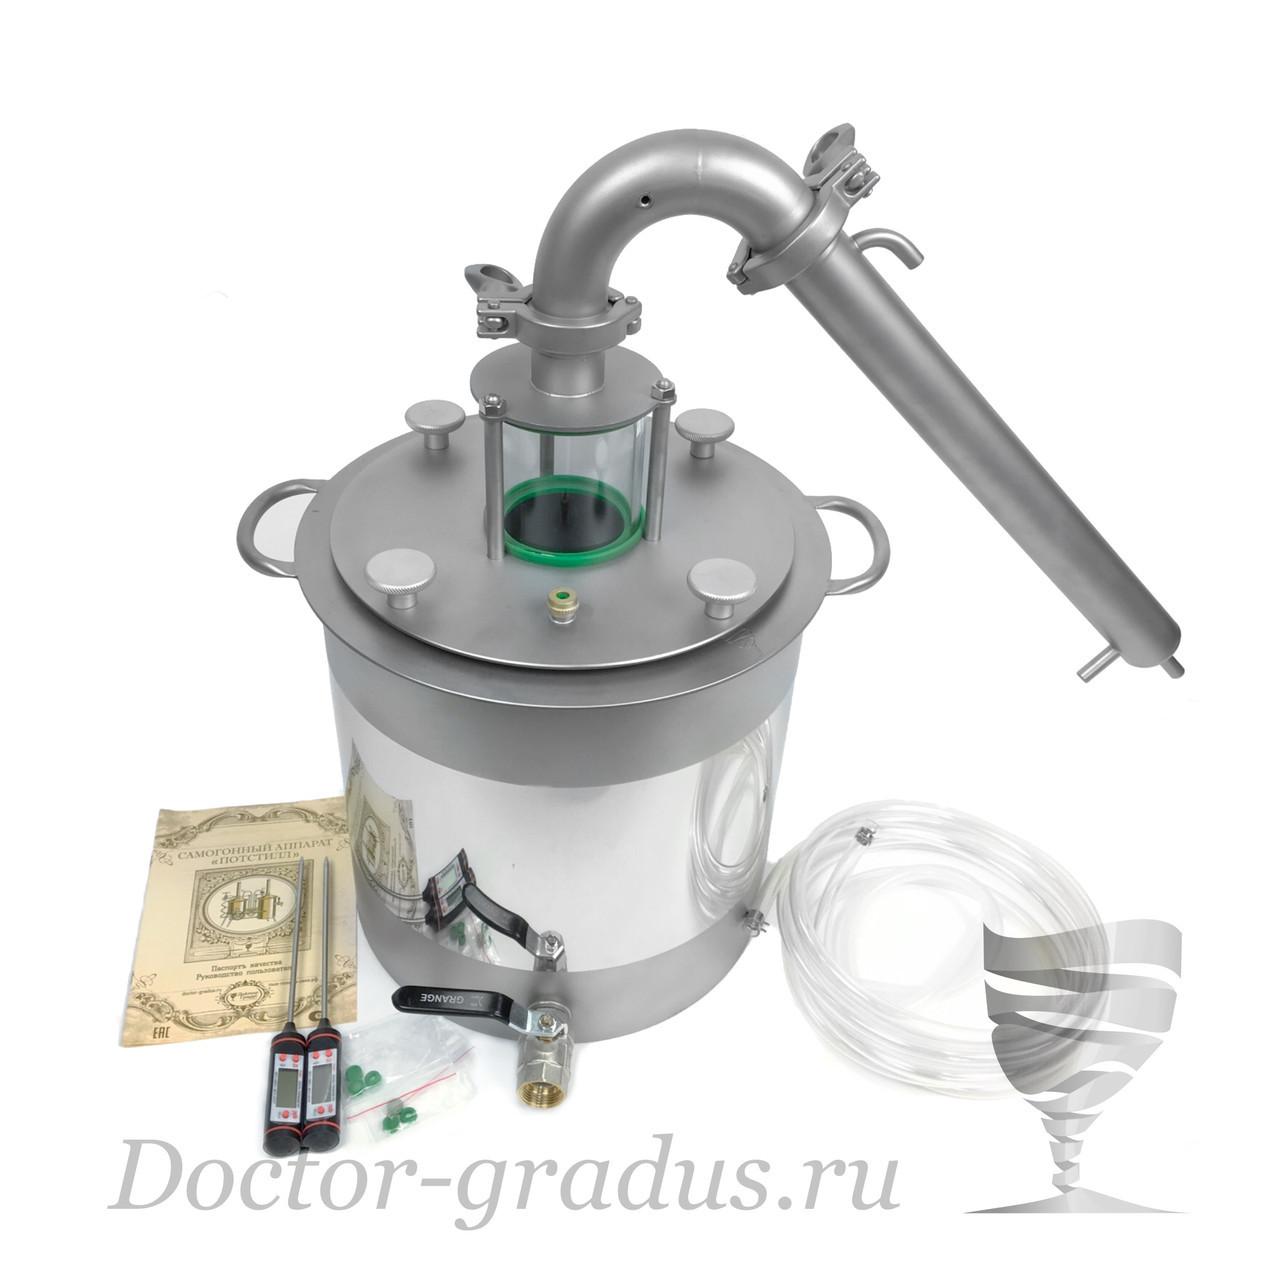 """Дистиллятор  Доктор Градус Потстилл 1,5"""" с кубом 25 литров"""